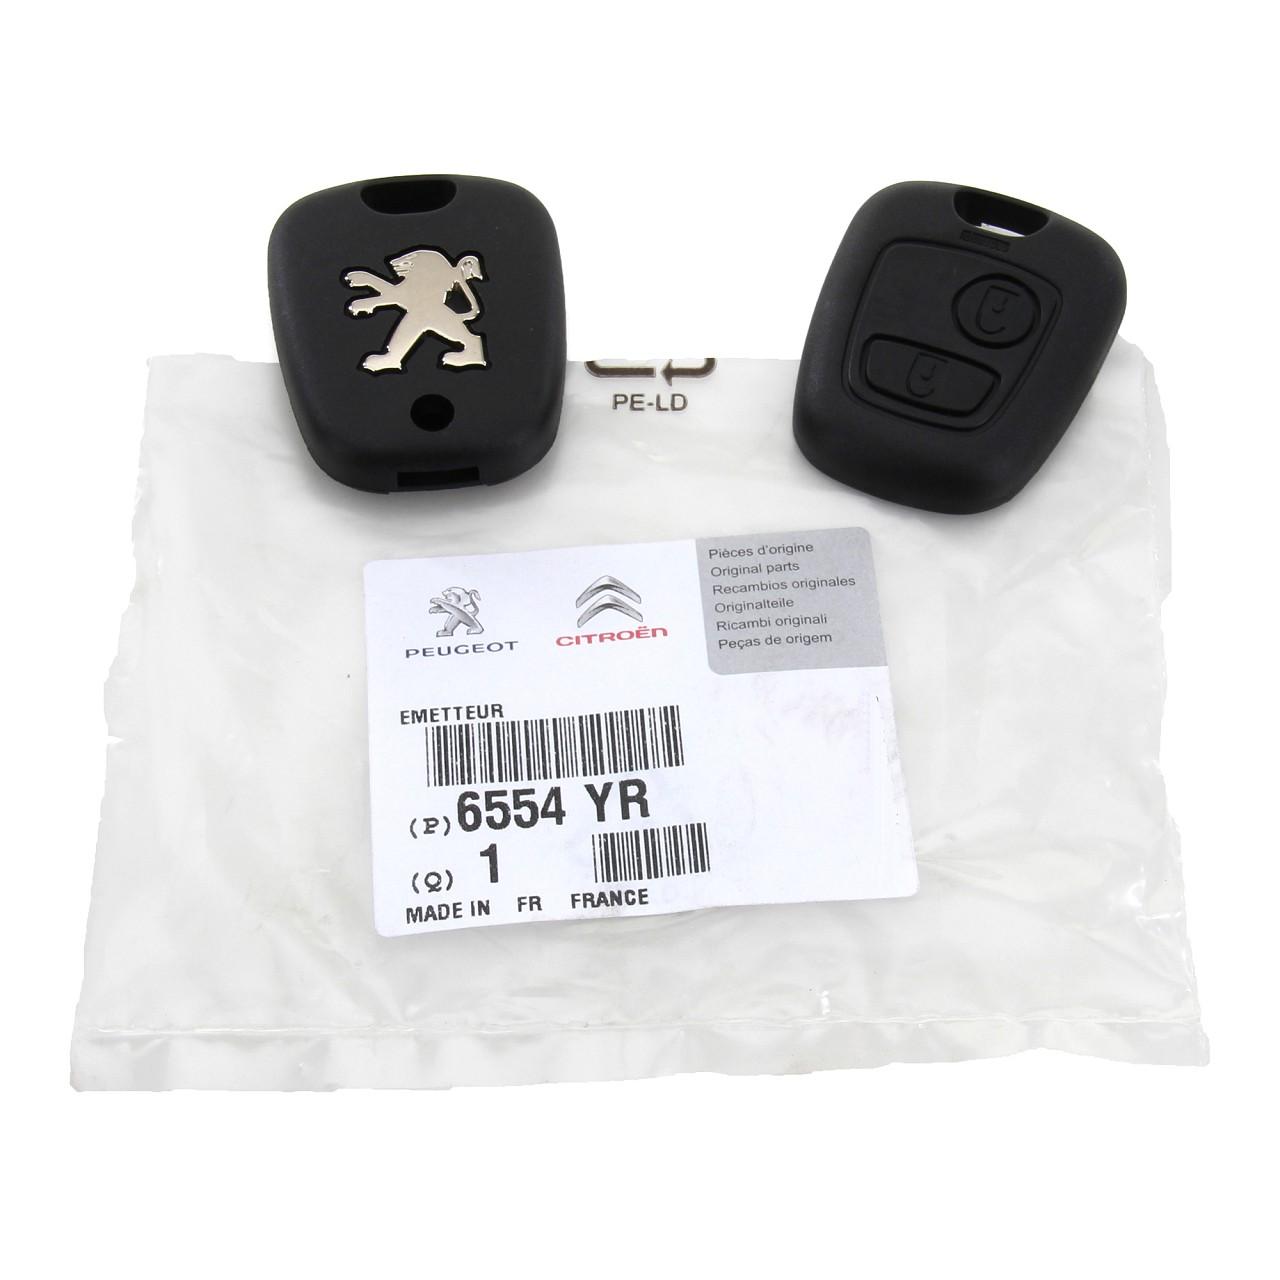 ORIGINAL Peugeot Sender Funkfernbedienung Fernbedienung 2-Tasten 206 6554.YR